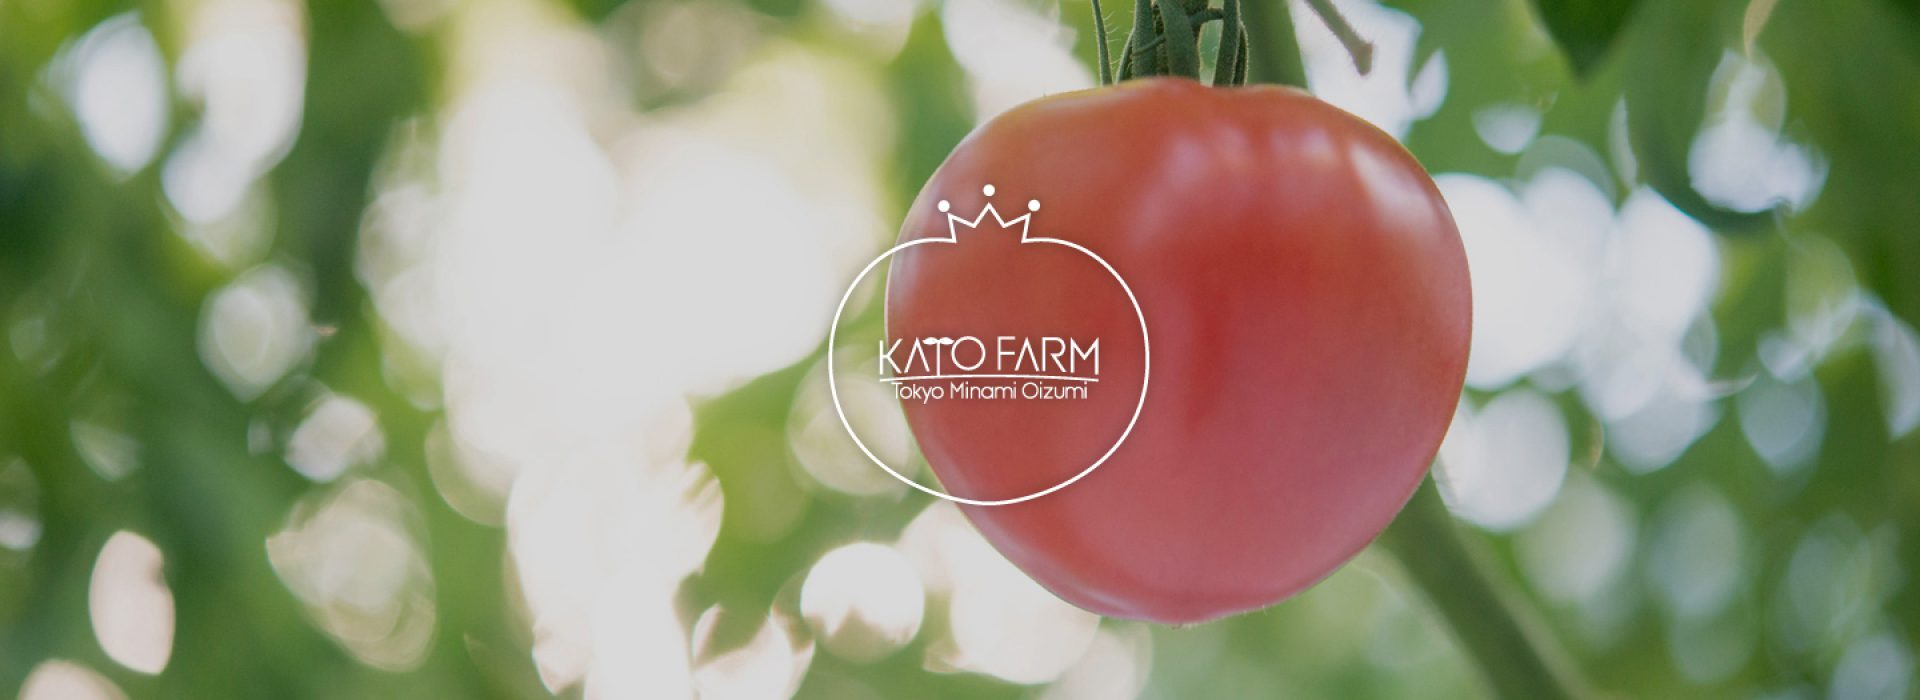 加藤トマトファーム(加藤農園)